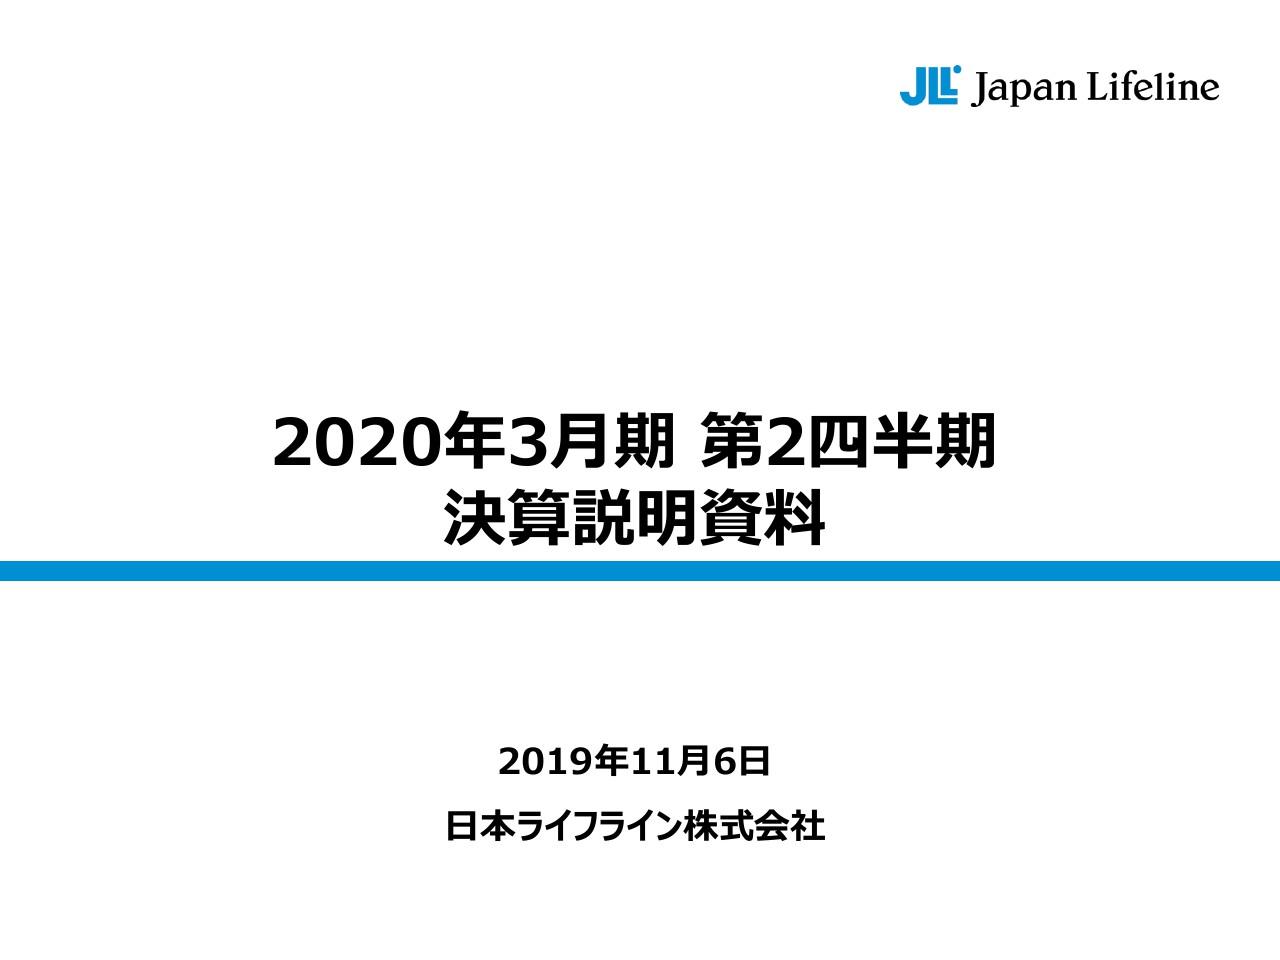 日本ライフライン、計画を下回るも増収し、営業益は販管費減で計画上回る 通期は売上微減を想定